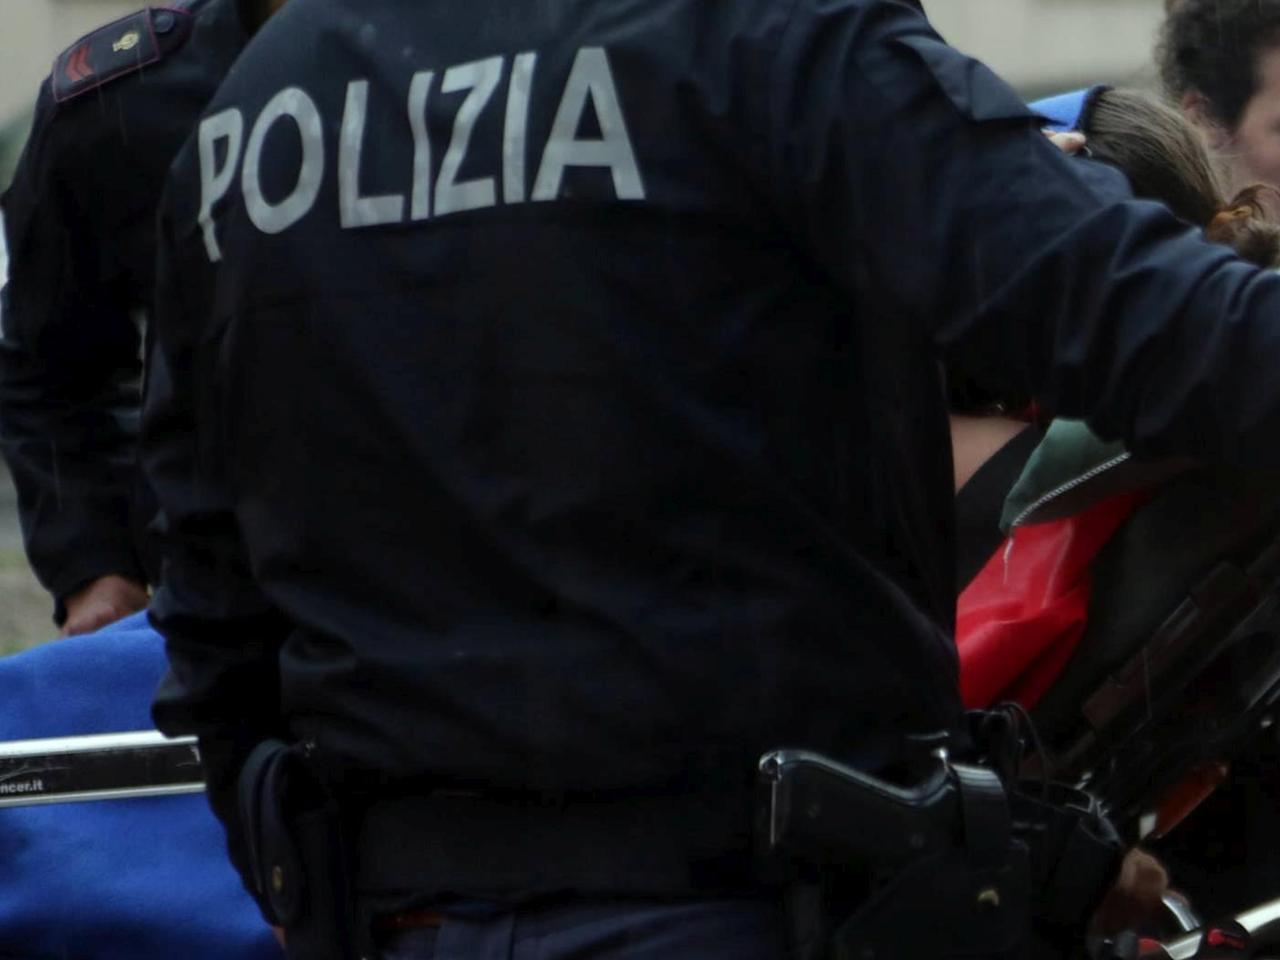 Rintracciato in Croazia il piccolo Cesare Avenati, sottratto nel 2011 dalla madre